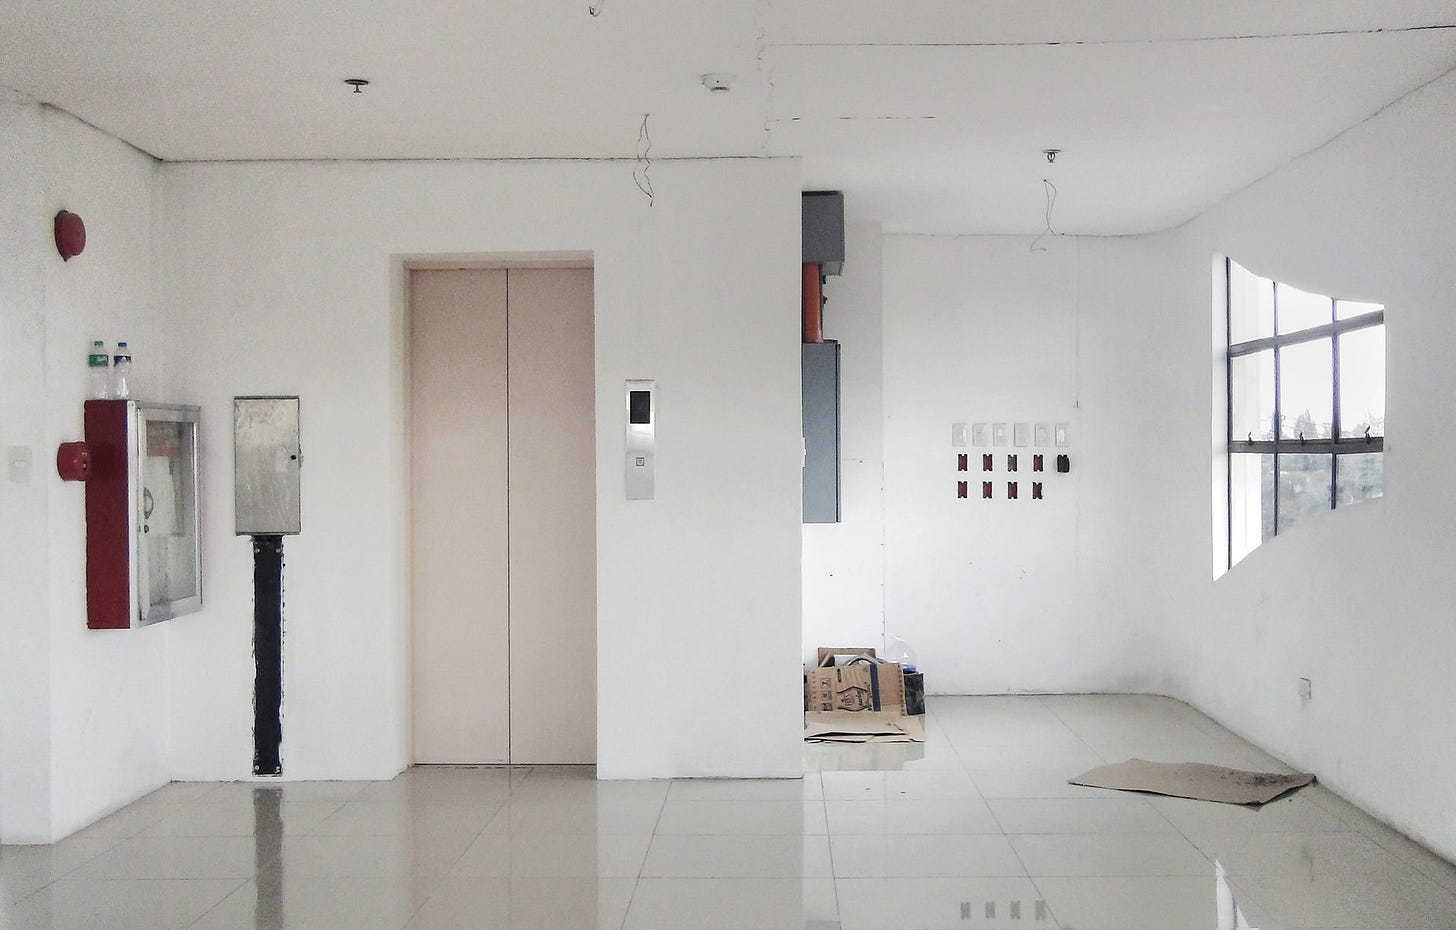 imagem mostra apartamento vazio, branco, com porta de elevador fechada.